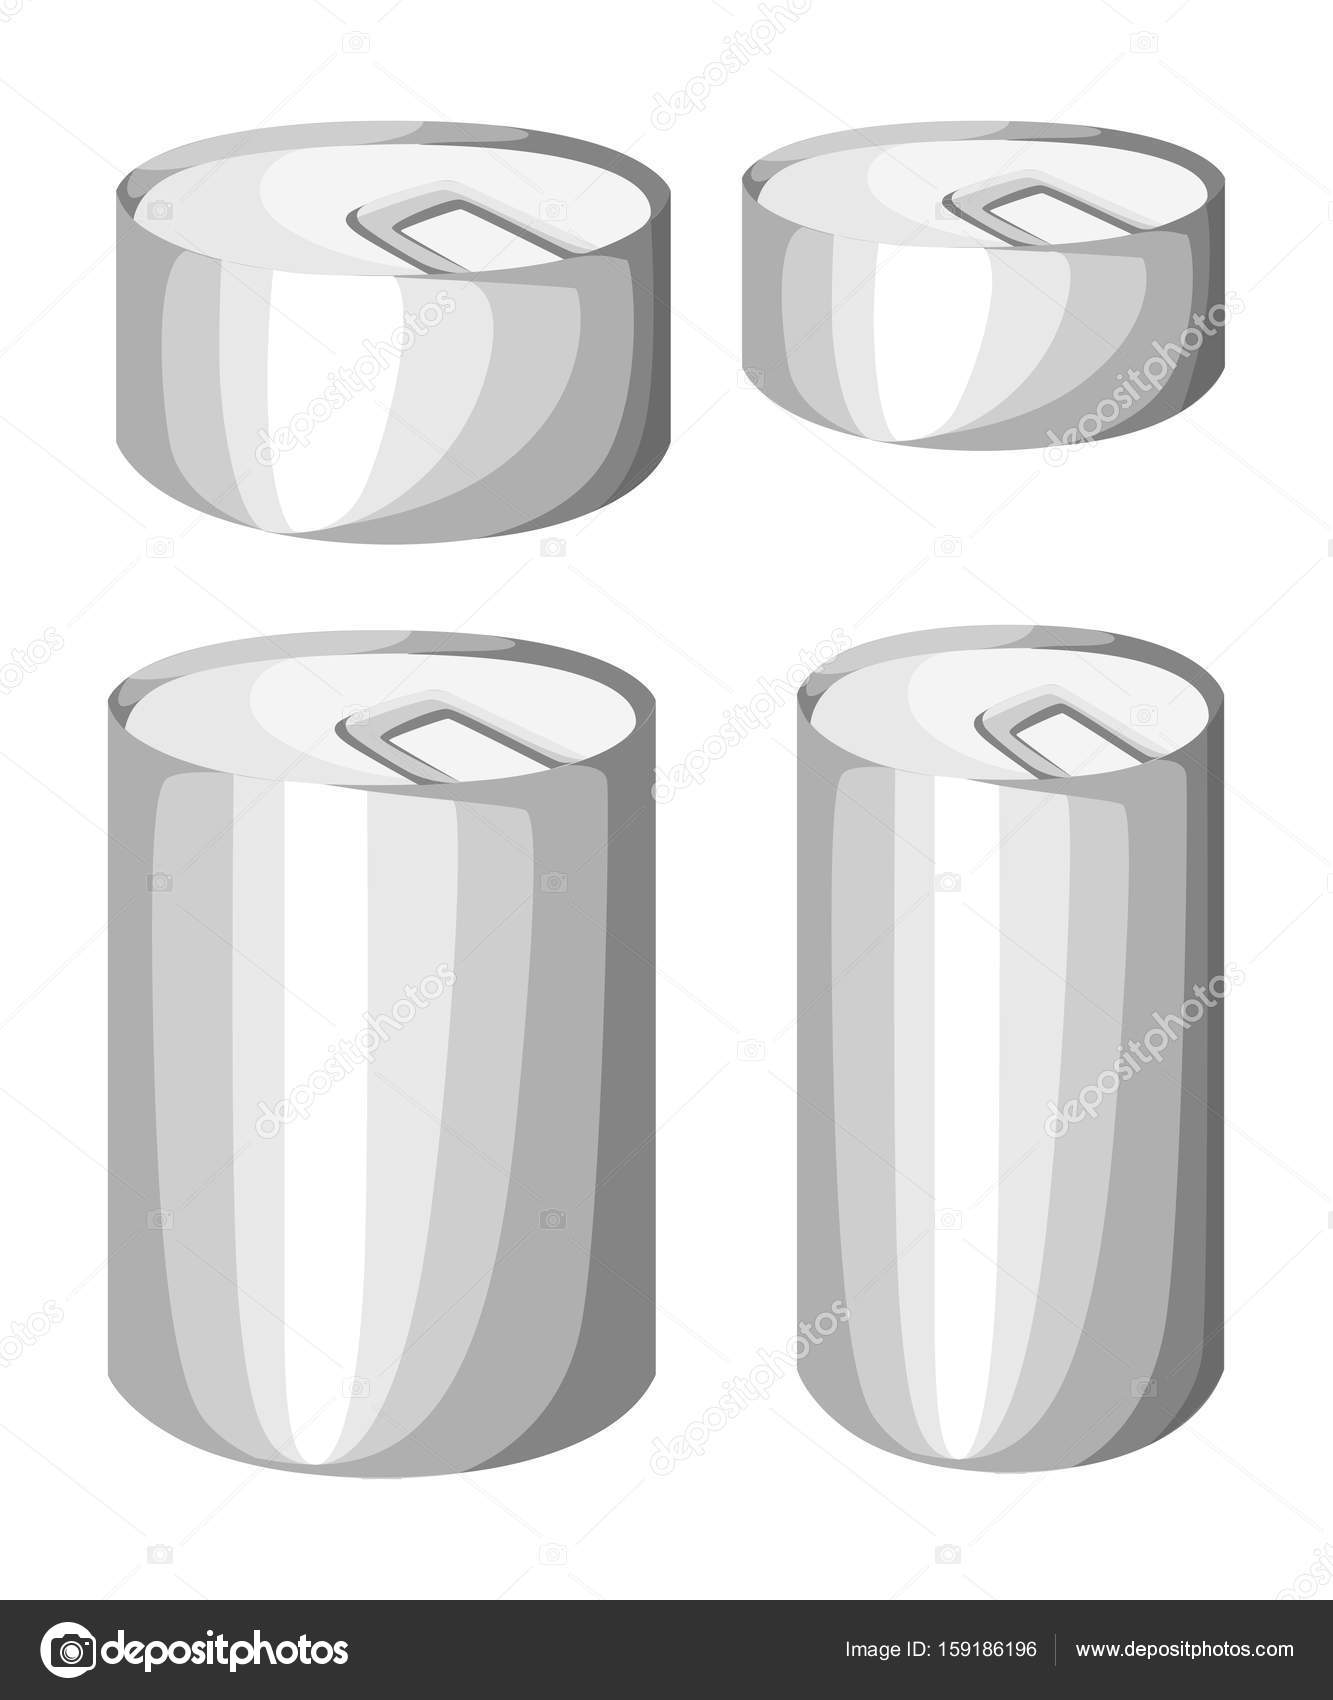 de97e4cf6a Raccolta di vari barattoli in scatola merce alimentare contenitore  metallico negozio di alimentari e prodotti deposito alluminio etichetta  piatta in scatola ...